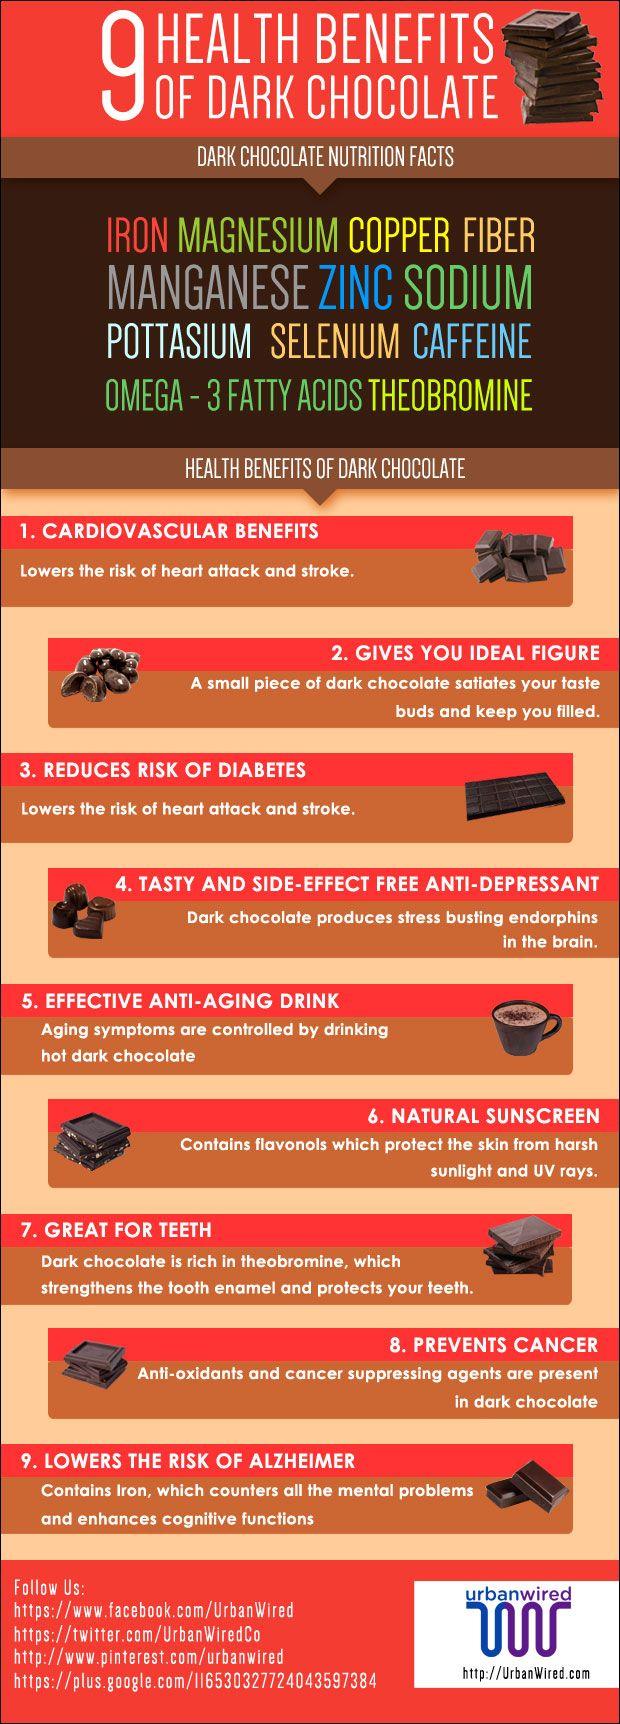 Urban Wired Dark Chocolate Benefits Dark Chocolate Nutrition Nutrition Facts